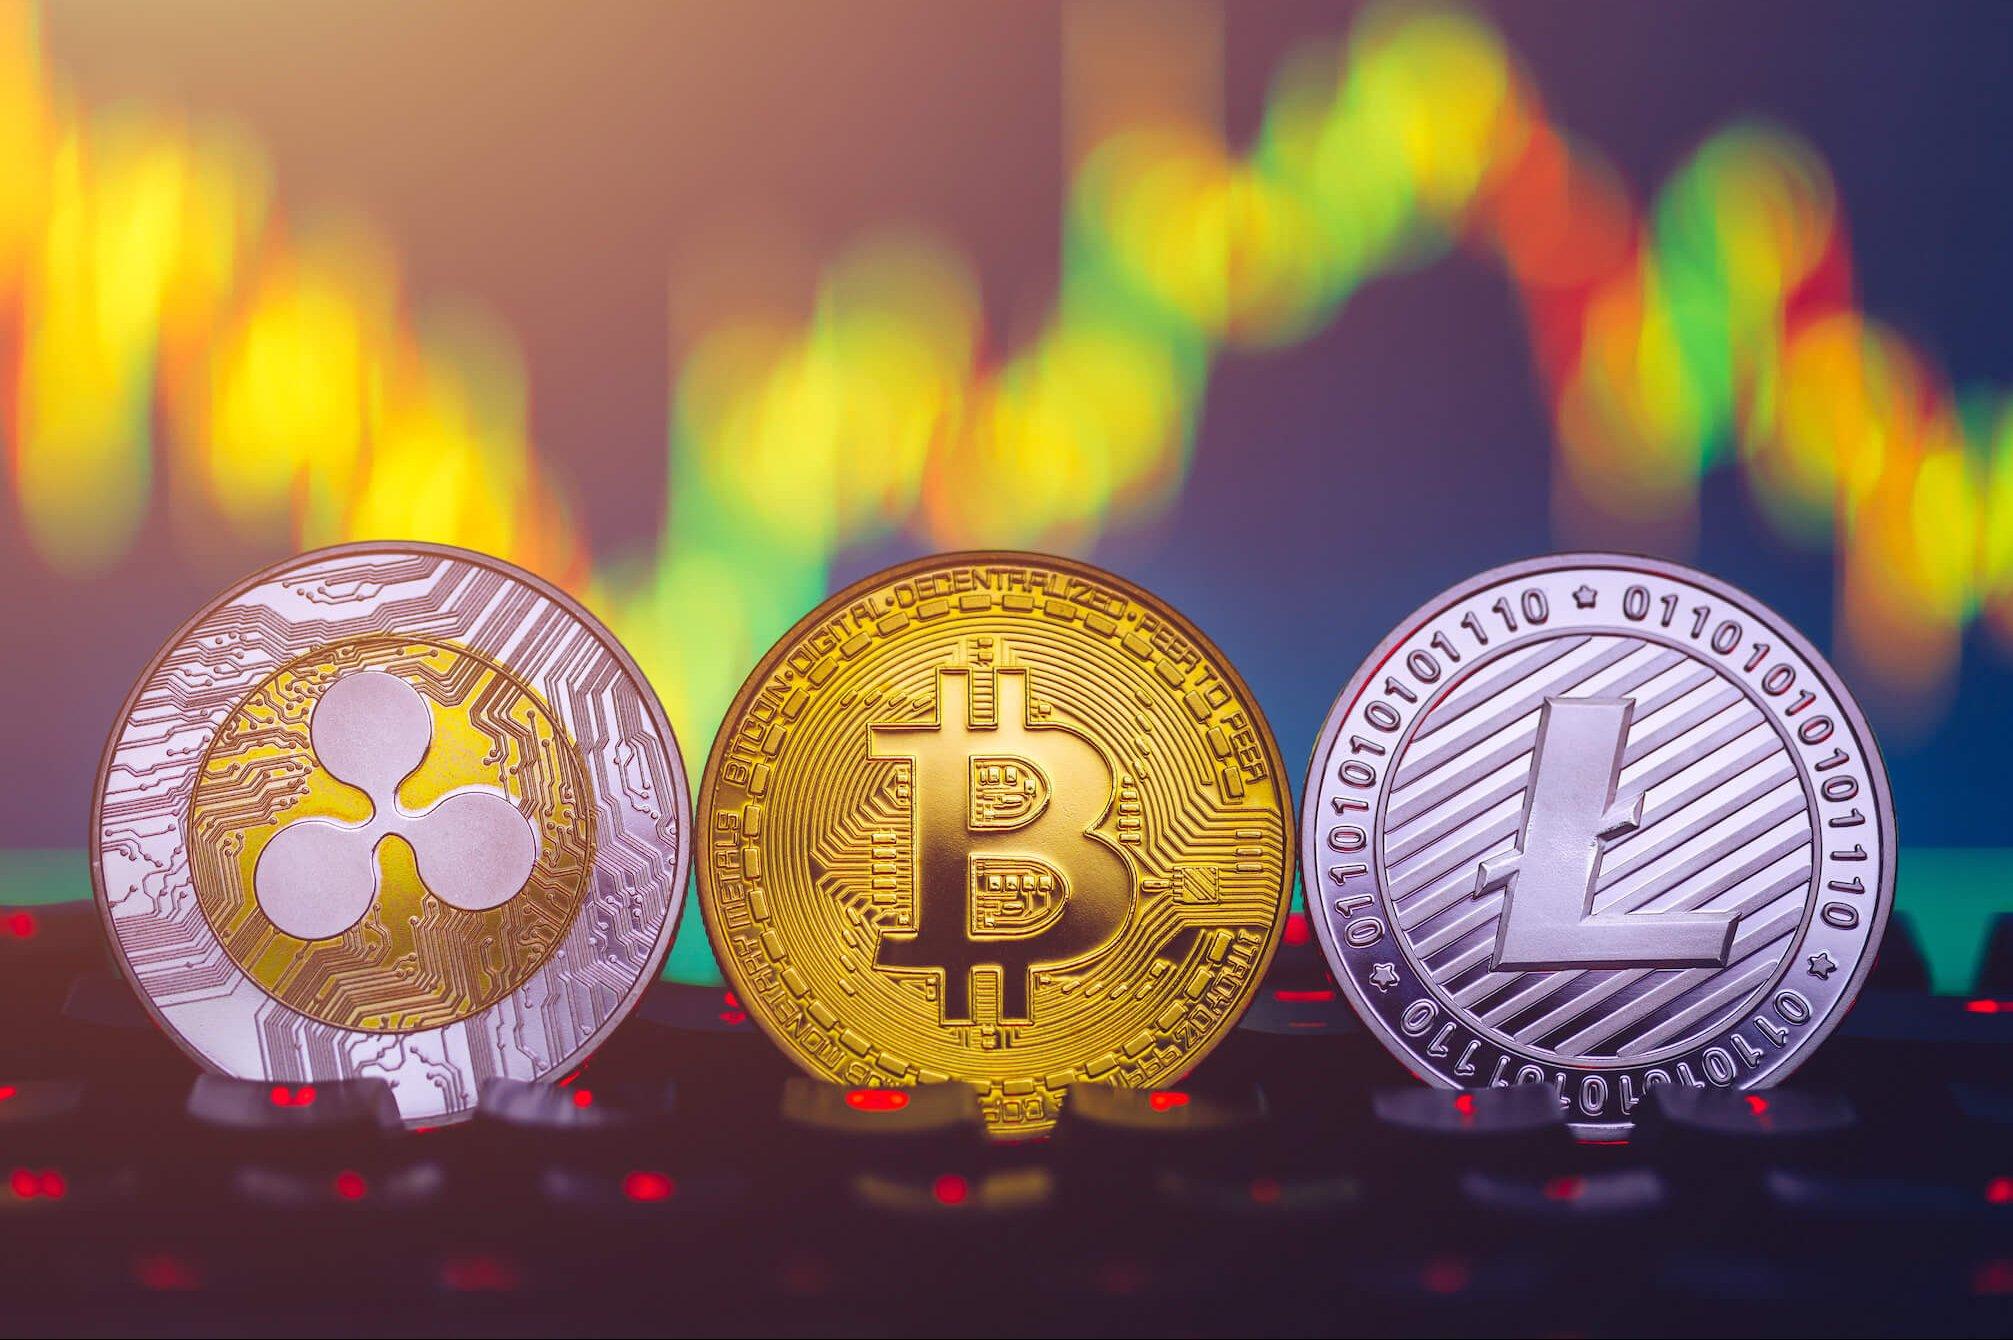 kann ich roth ira in bitcoin investieren? erste schritte zur investition in kryptowährung